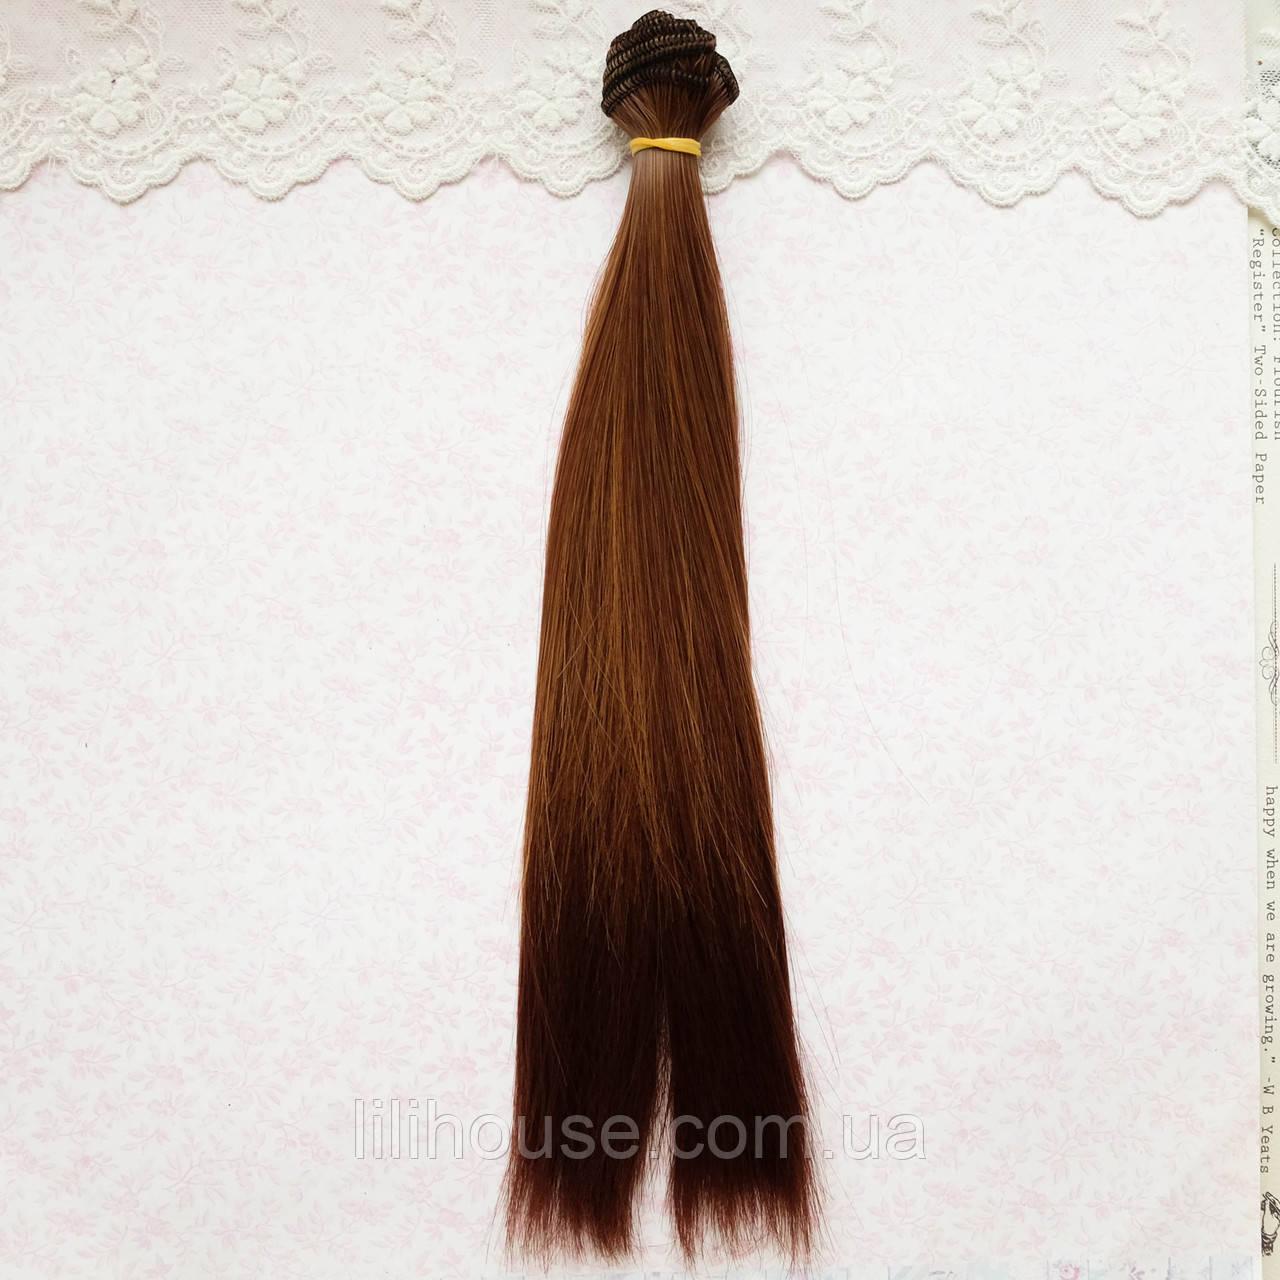 Волосы для Кукол Трессы Омбре КАШТАН и ТЕМНЫЙ 25 см